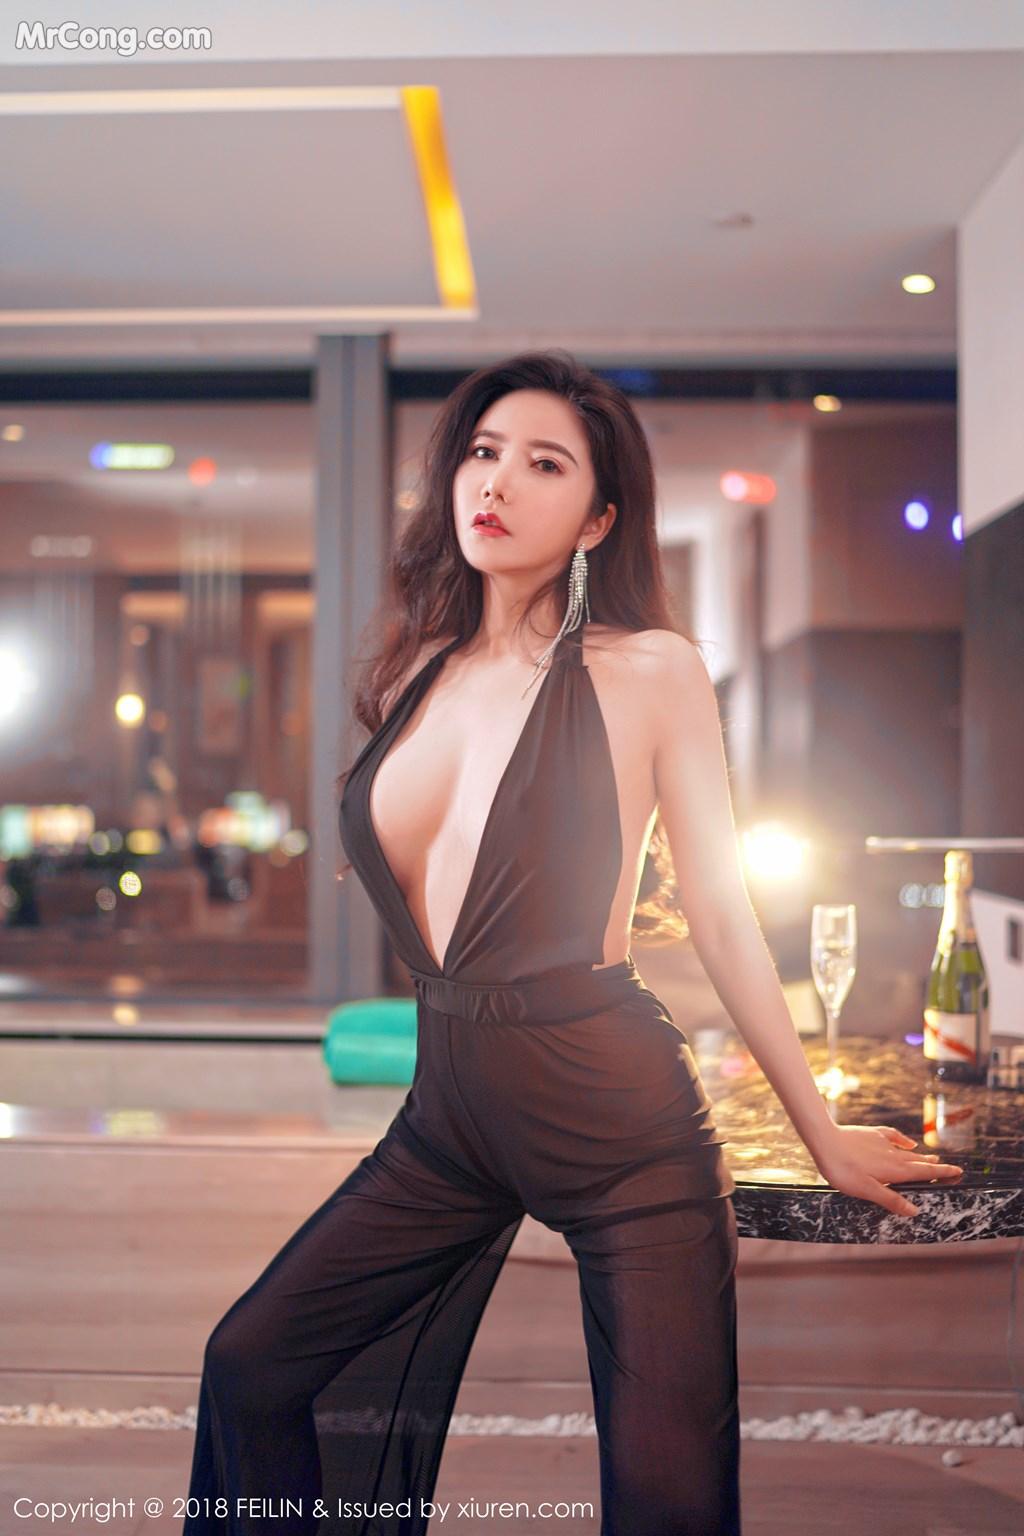 Image FEILIN-Vol.130-Xin-Yan-Gong-Zhu-MrCong.com-005 in post FEILIN Vol.130: Người mẫu Xin Yan Gong Zhu (心妍公主) (39 ảnh)